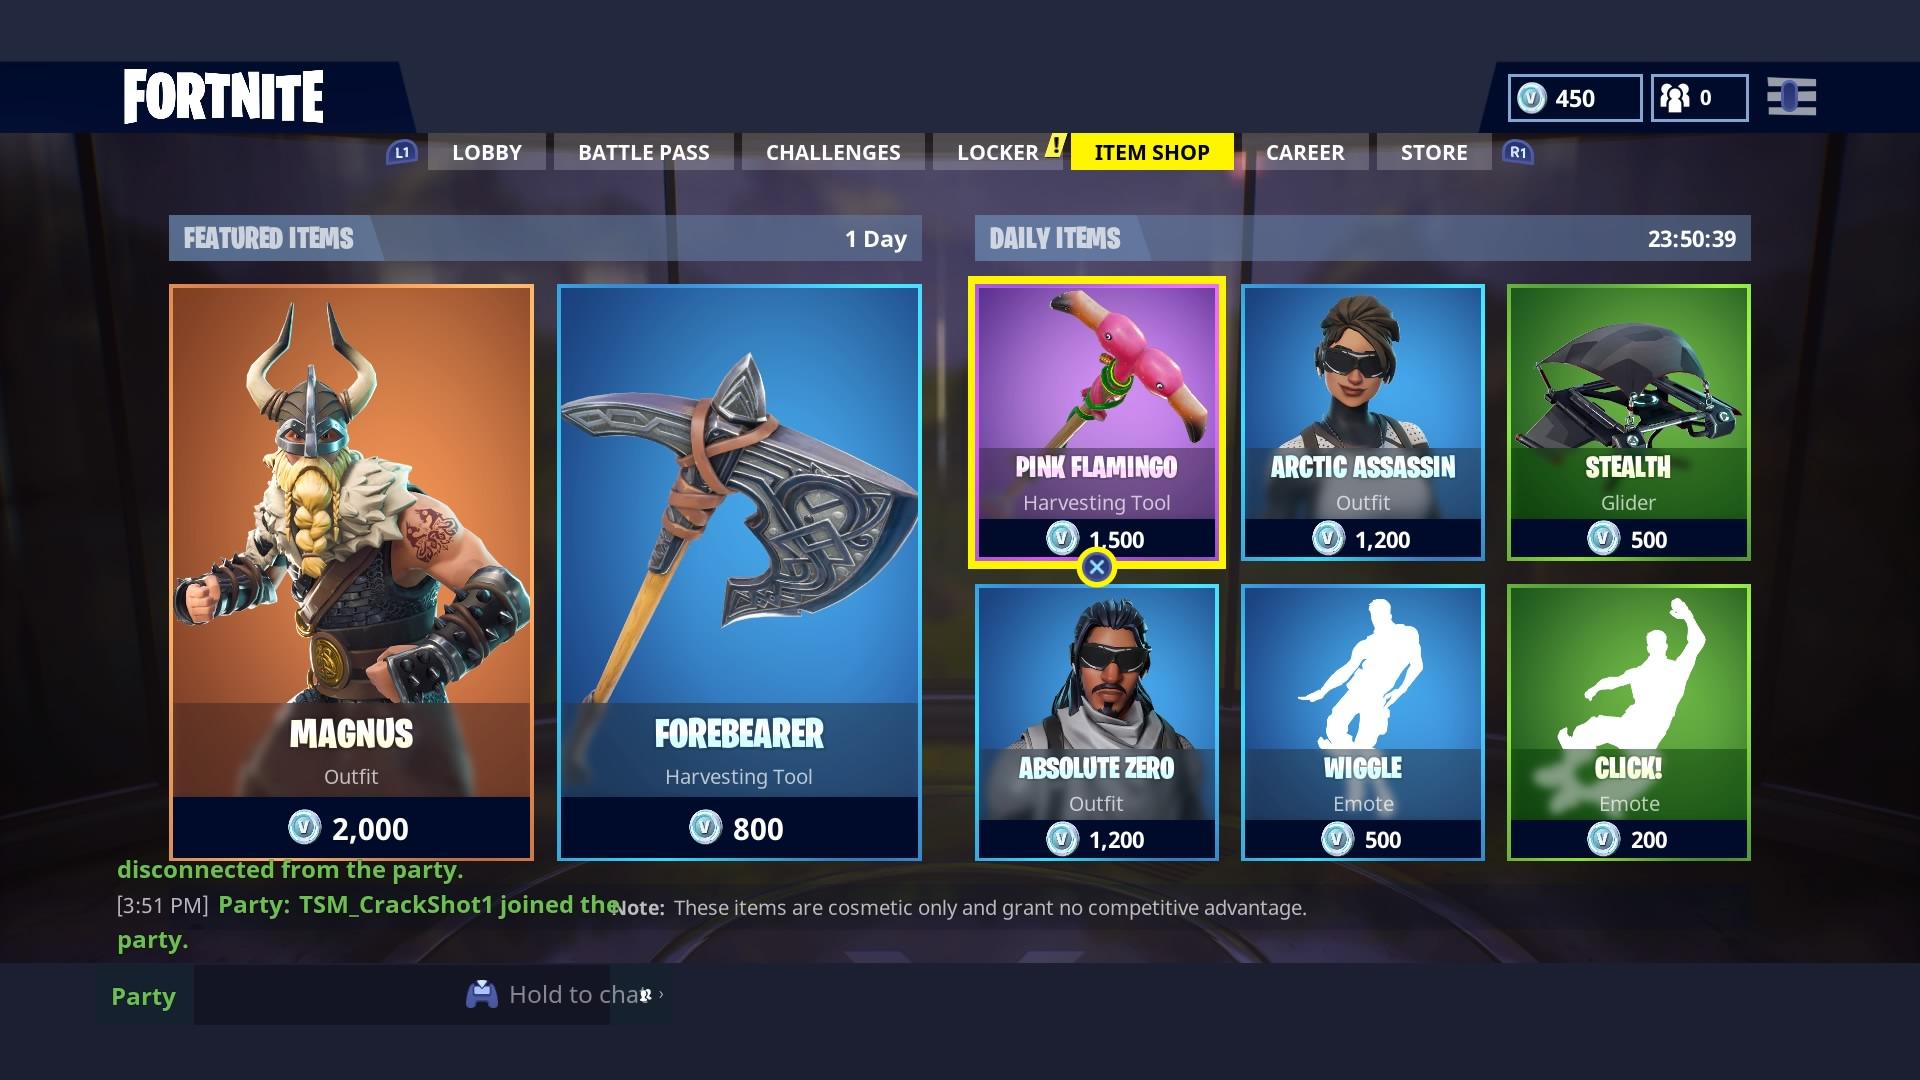 fortnite item shop wallpaper background 64367